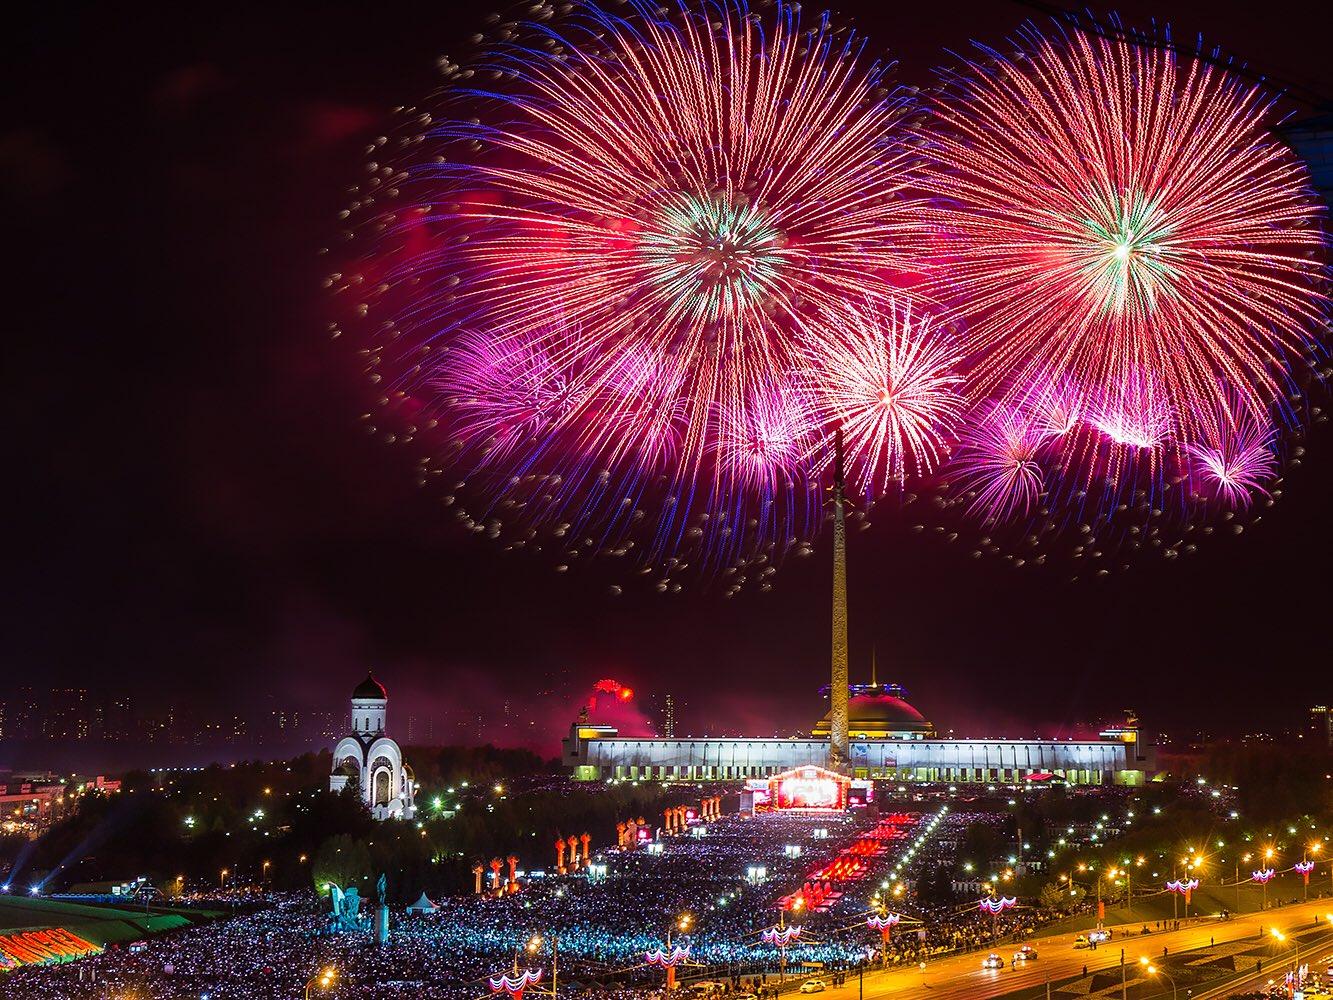 выравнивает поздравление москвичам в день города без сомнения